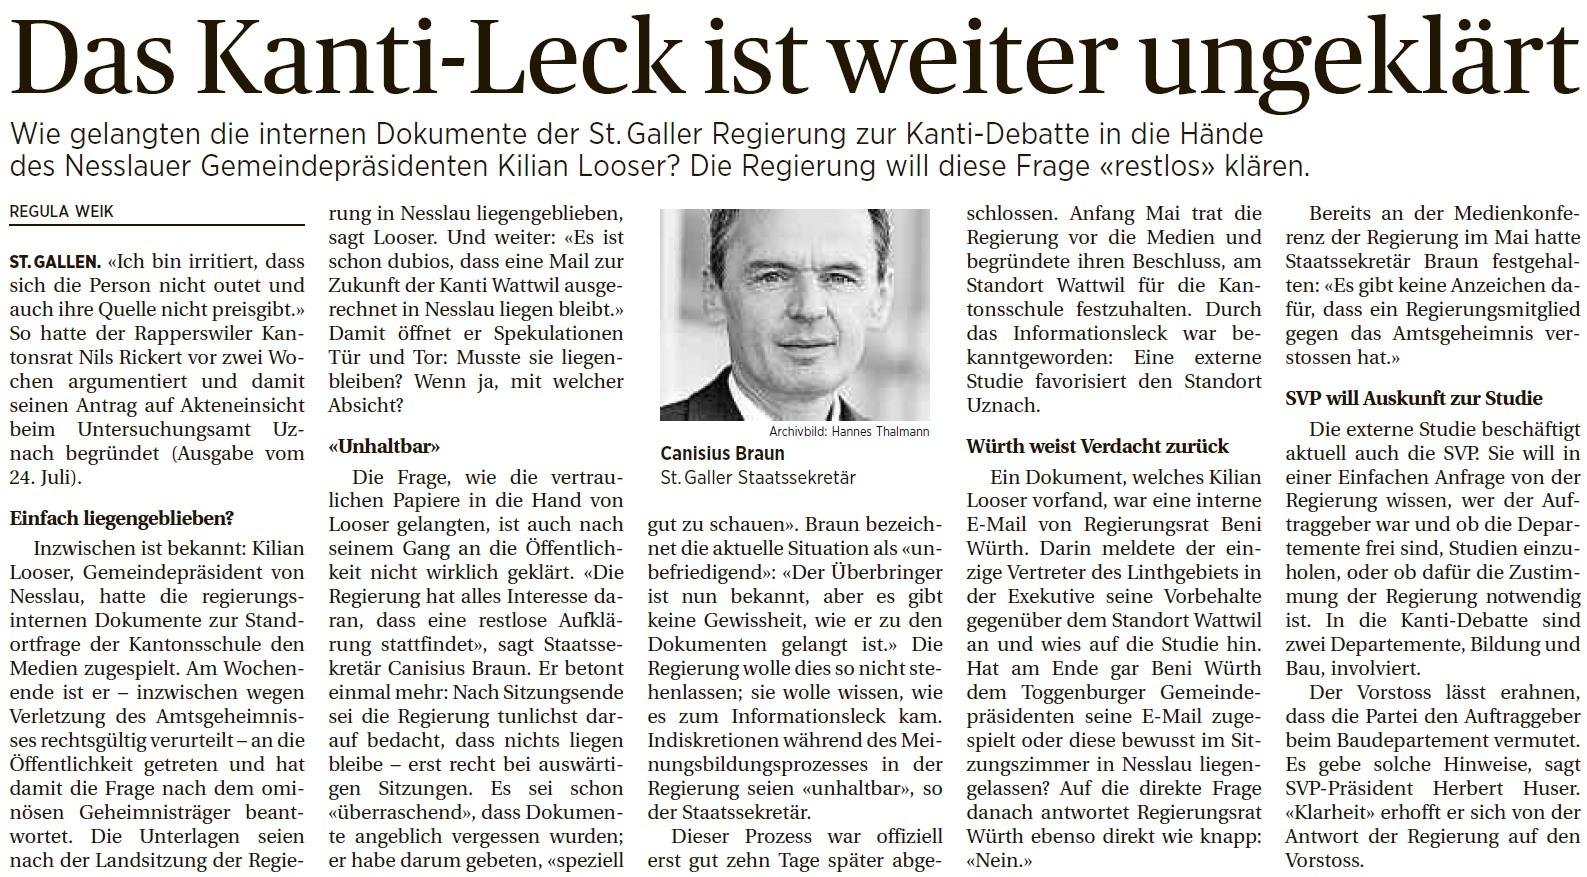 Das Kanti-Leck ist weiter ungeklärt (Mittwoch, 06.08.2014)